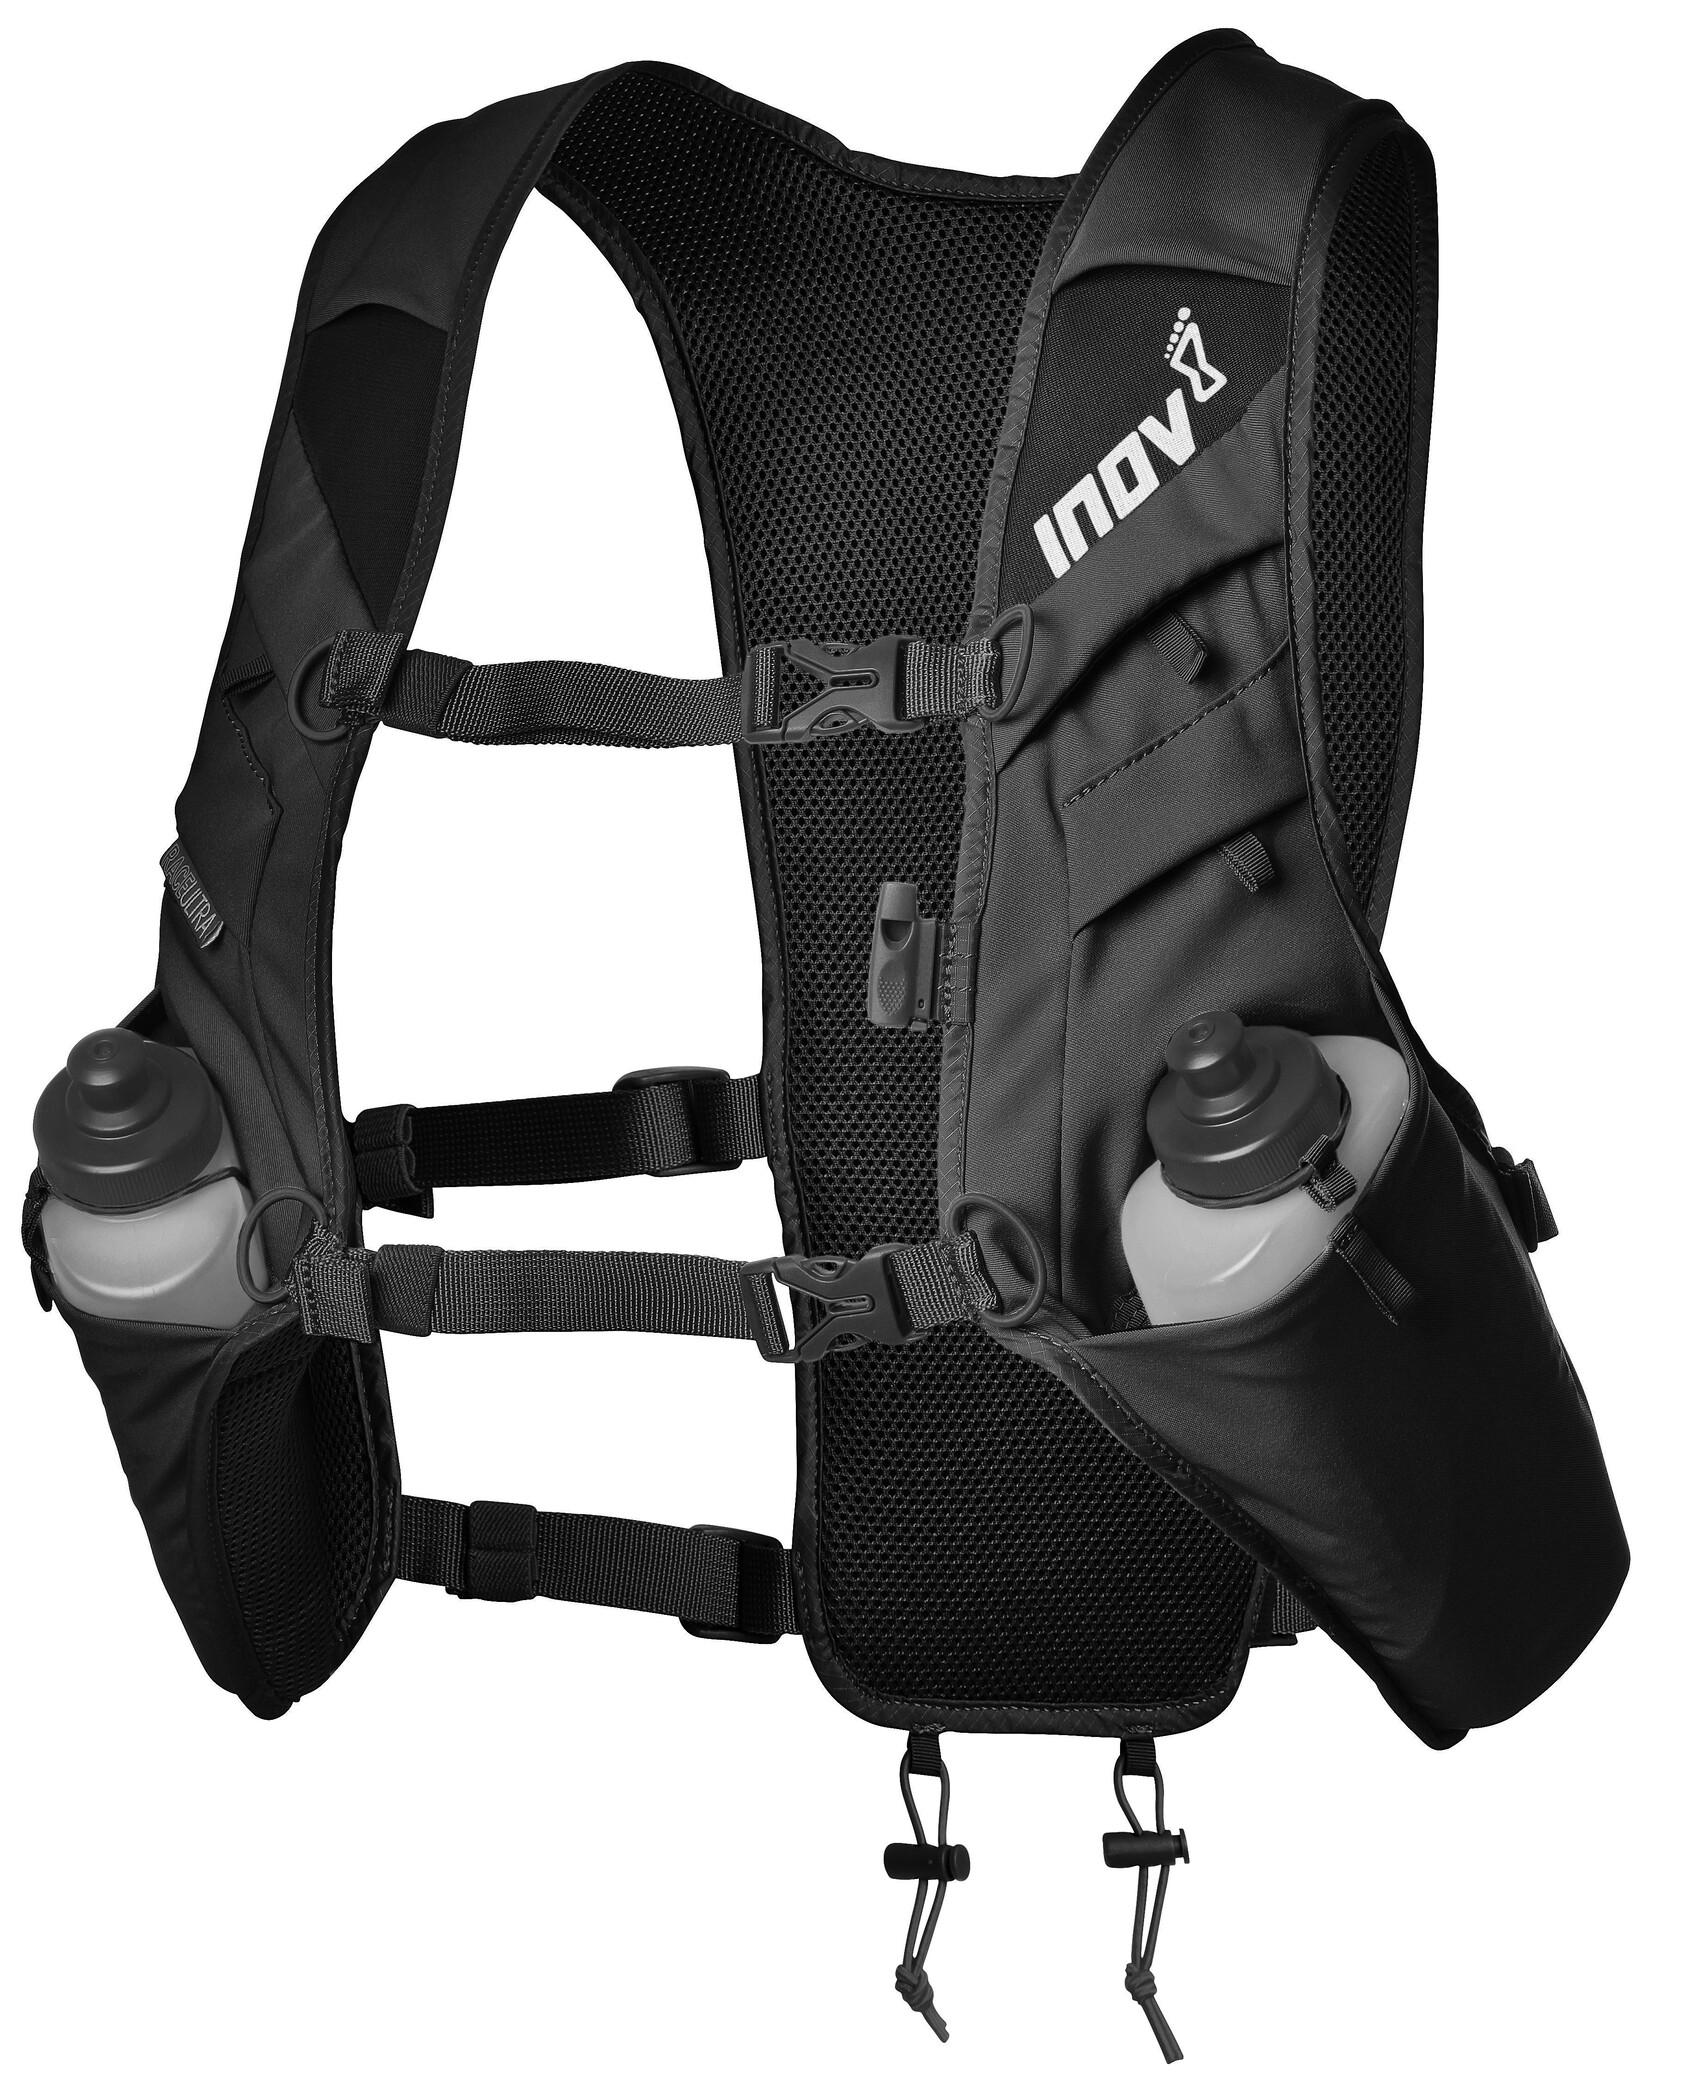 inov-8 Race Elite Vest, black/black (2019)   Vests